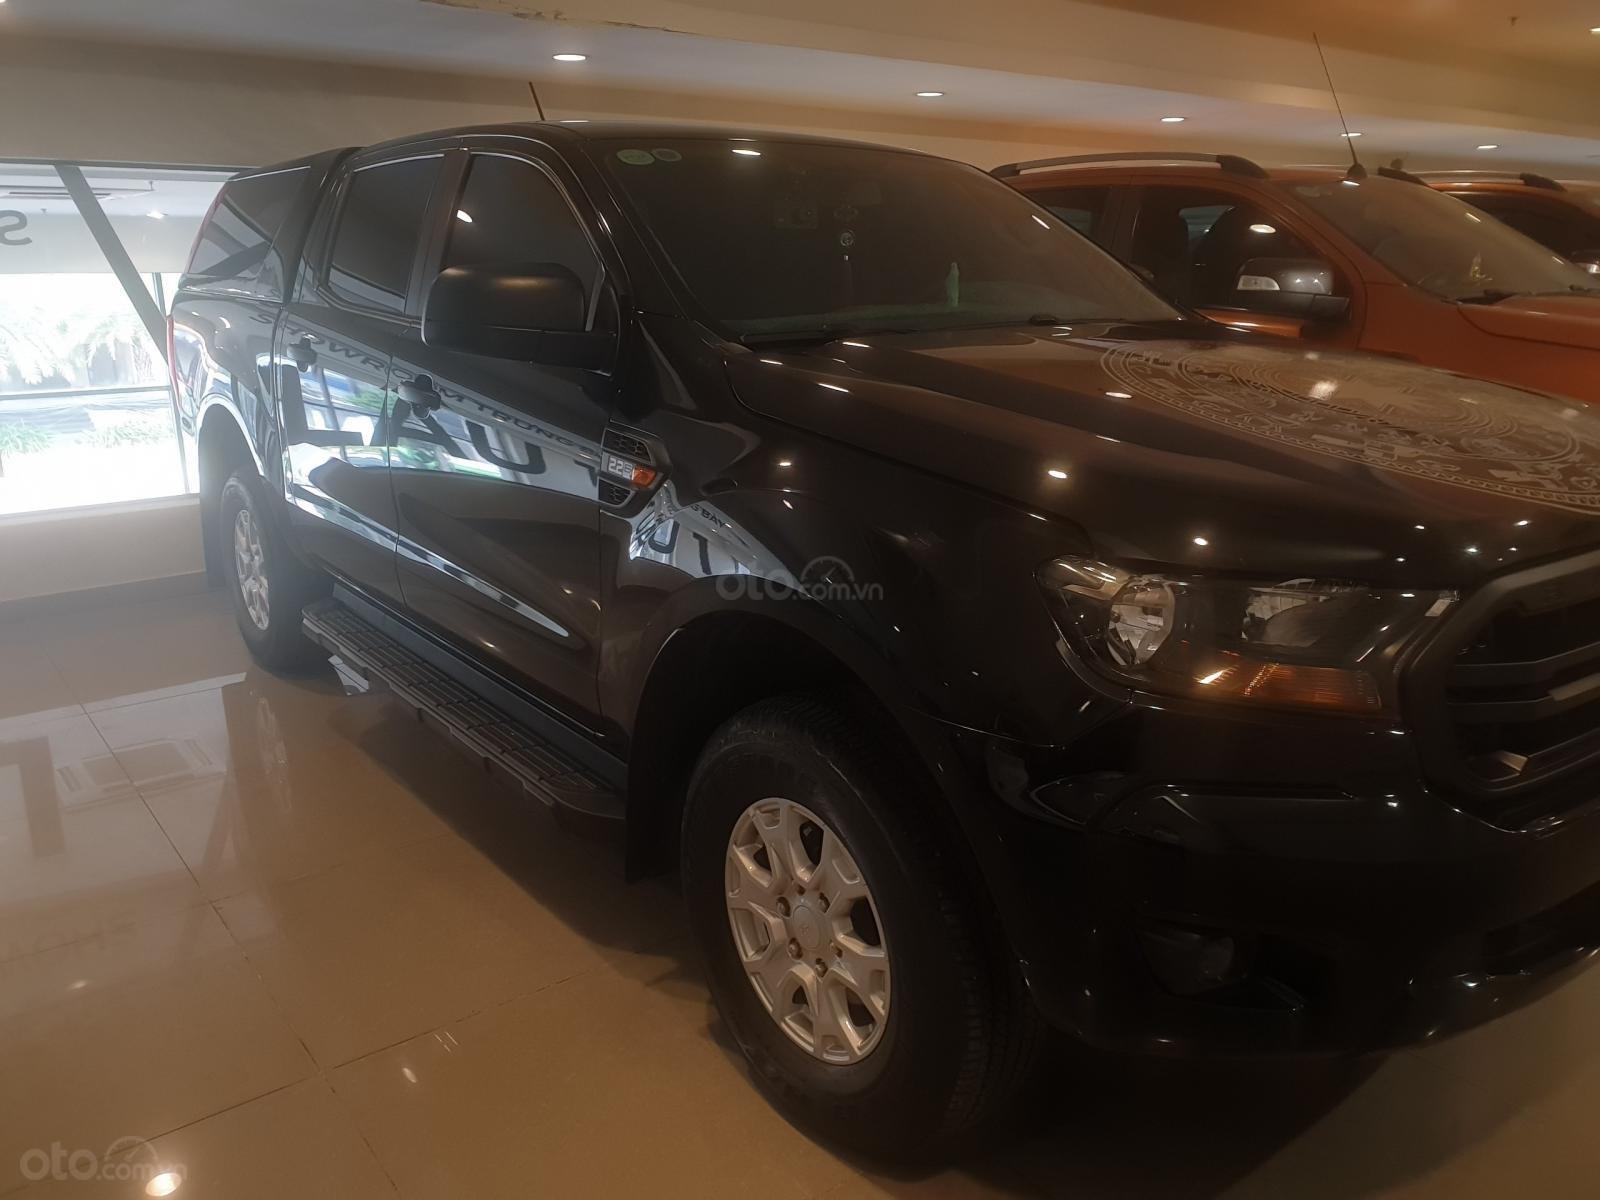 Ranger XLS 4x4 MT 2020 đen, xe đẹp giá hợp lý (4)